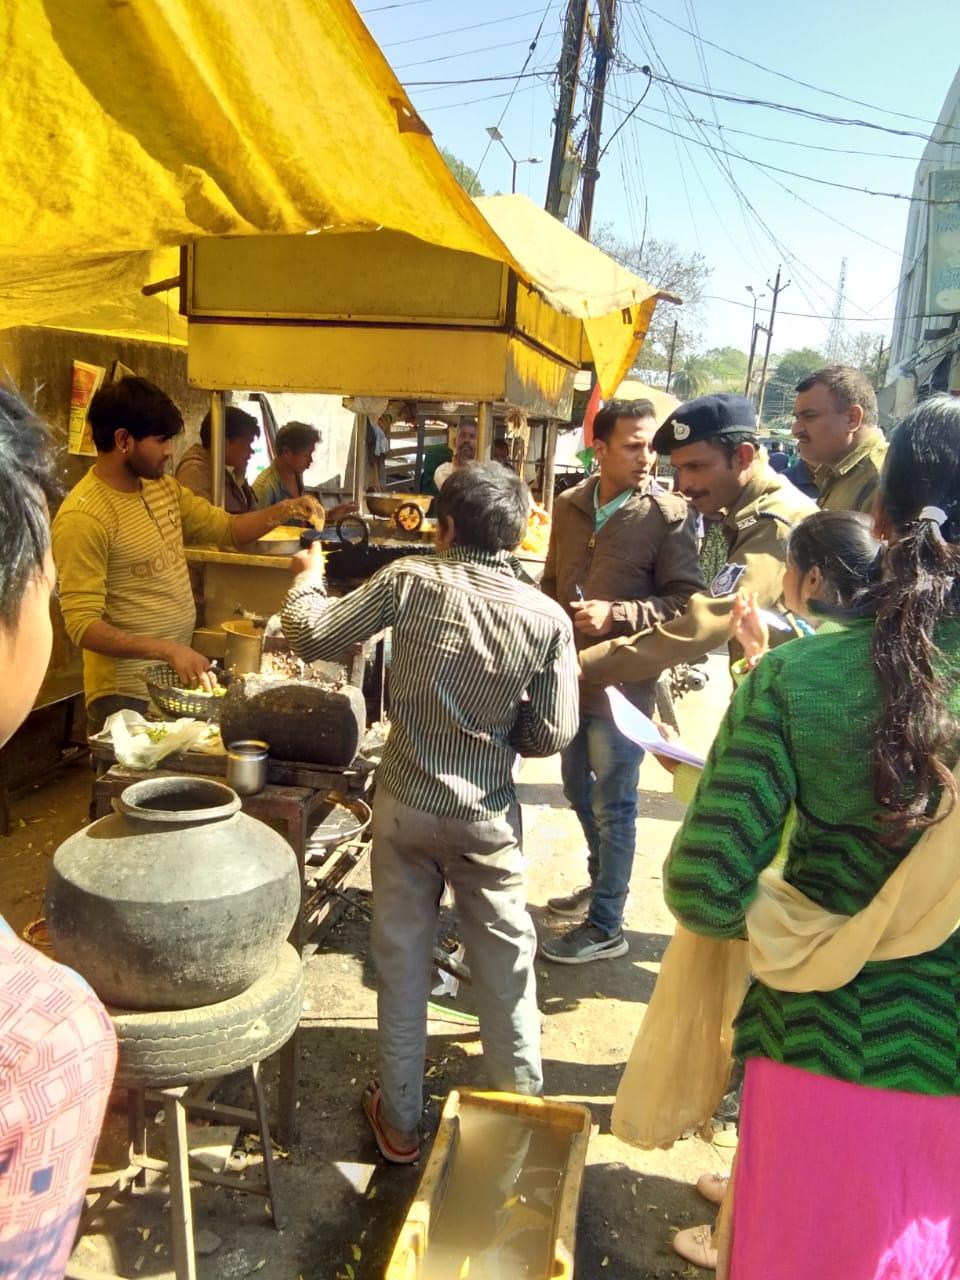 चाईल्ड लाईन व बाल कल्याण समिति ने दुकानदारो से बाल मजदूरी बंद करने की करी अपील